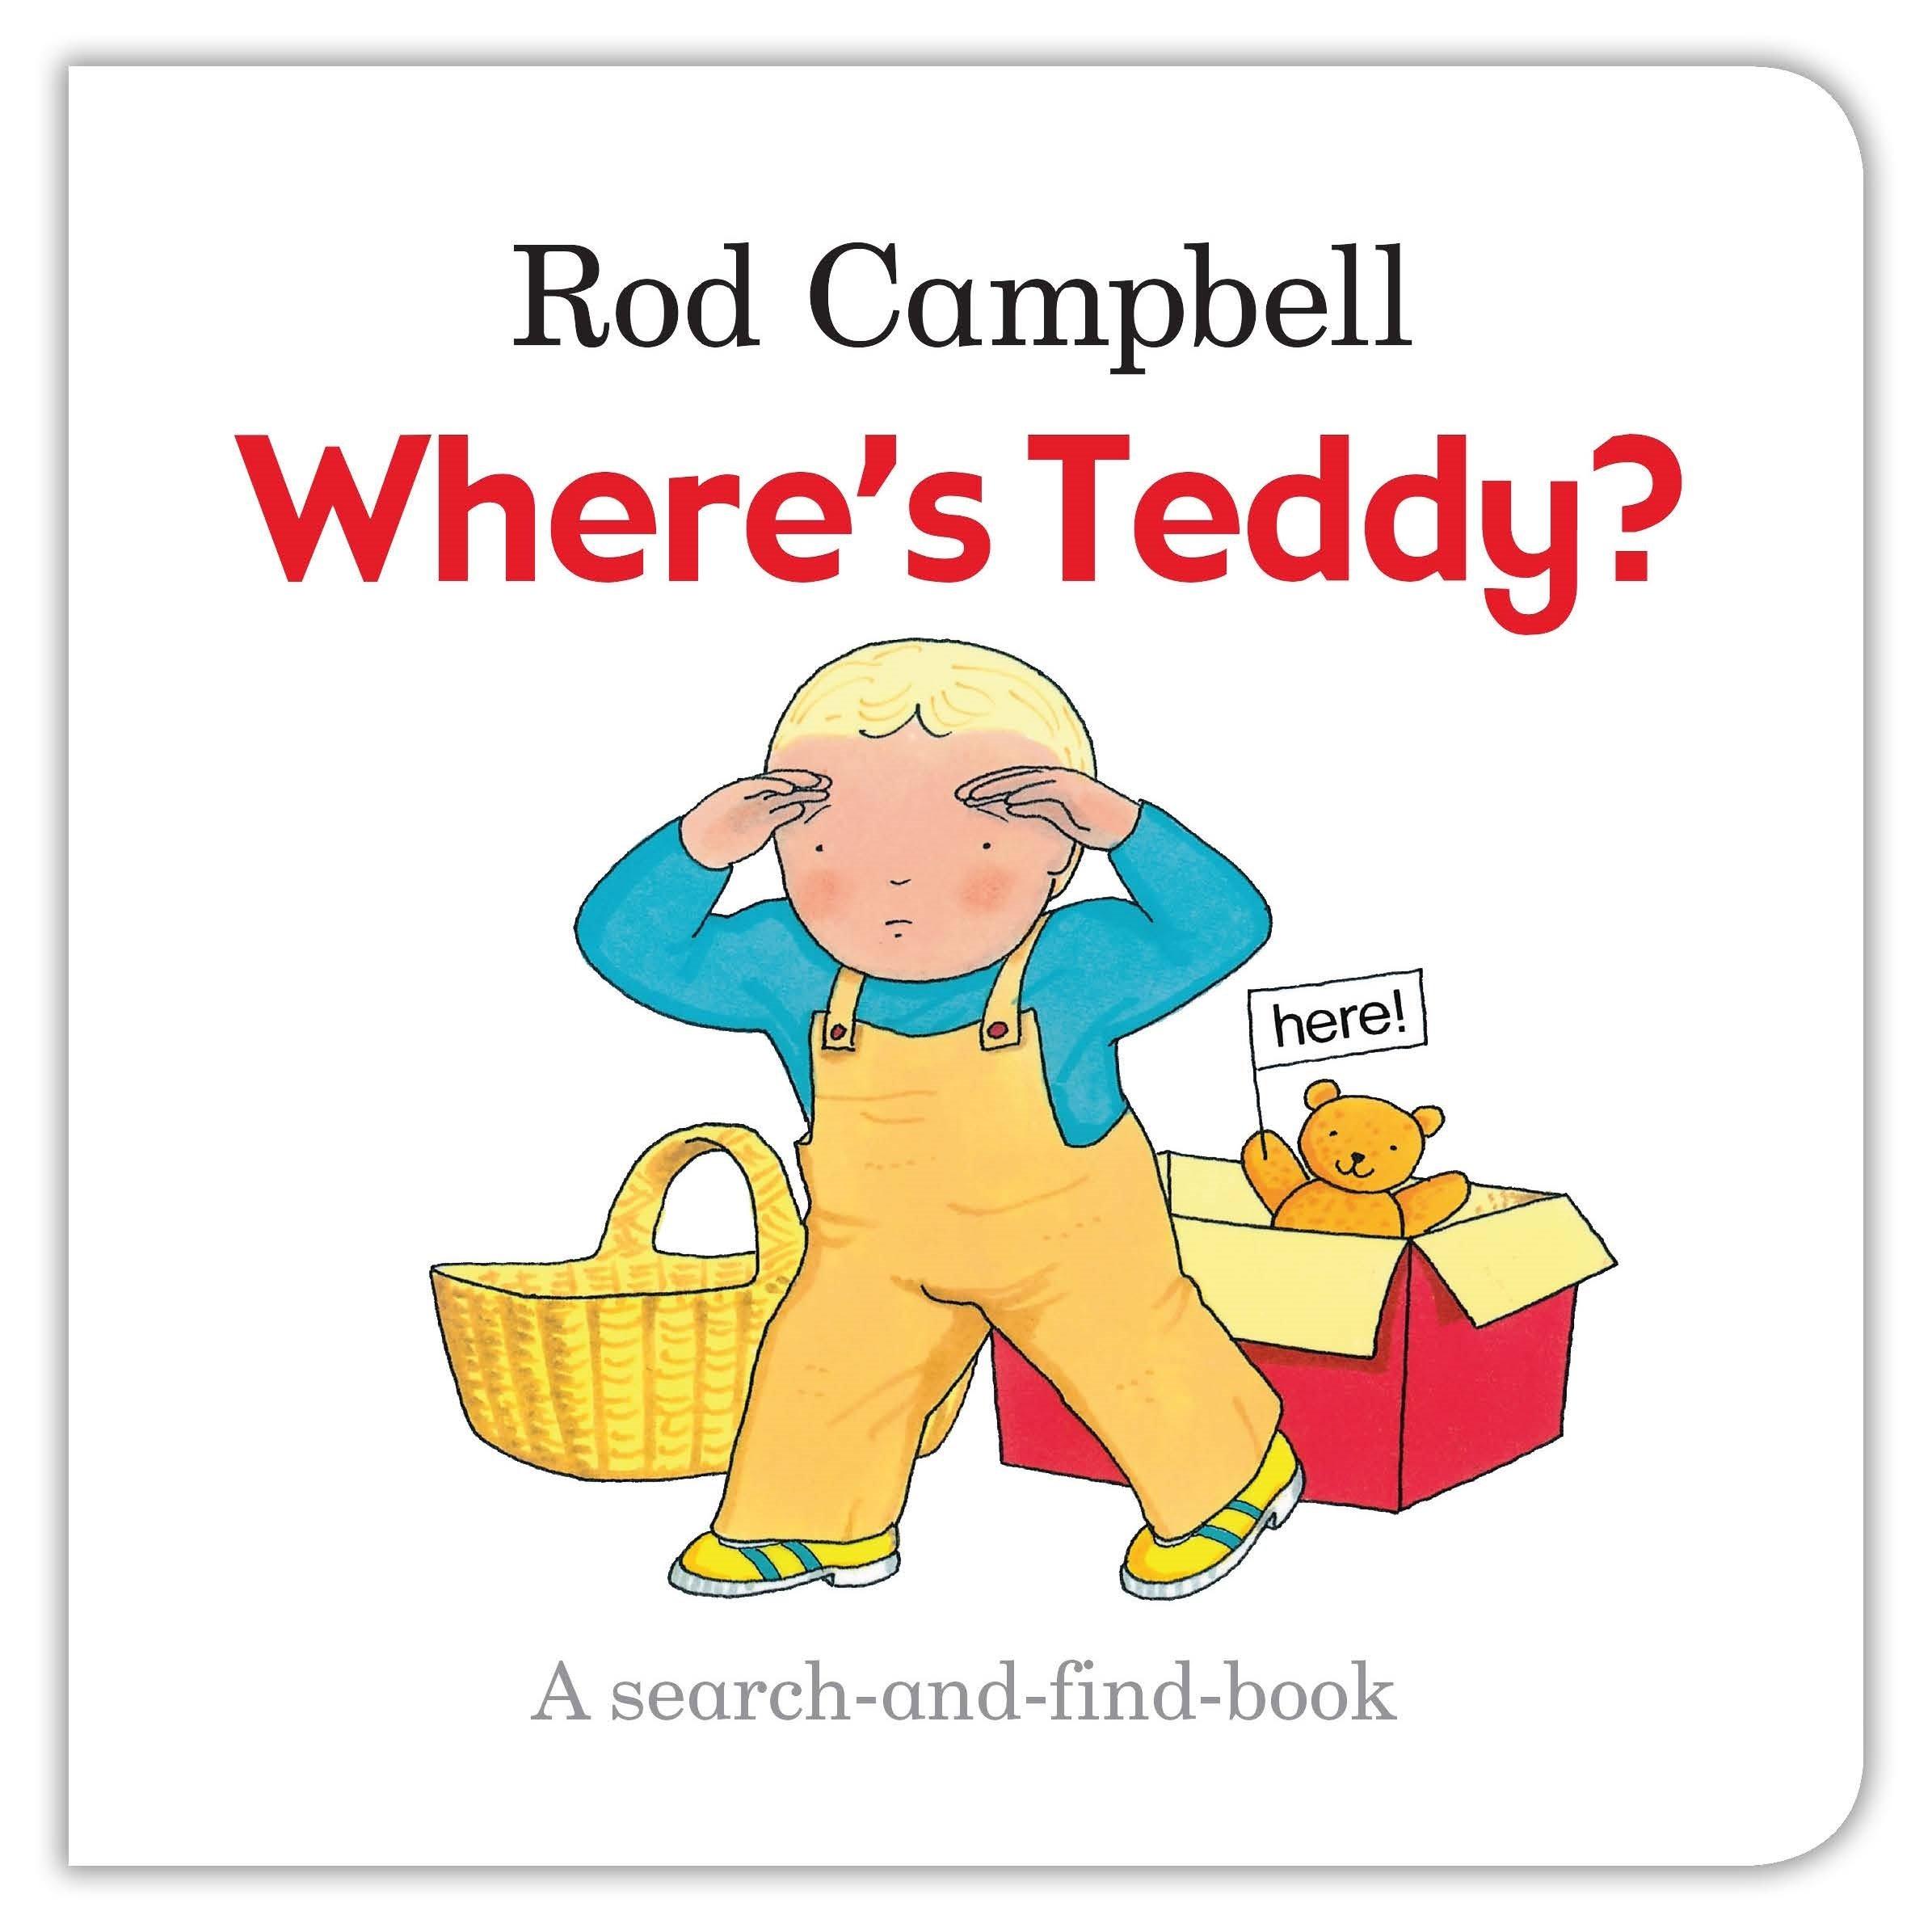 Where's Teddy? my own dear brother